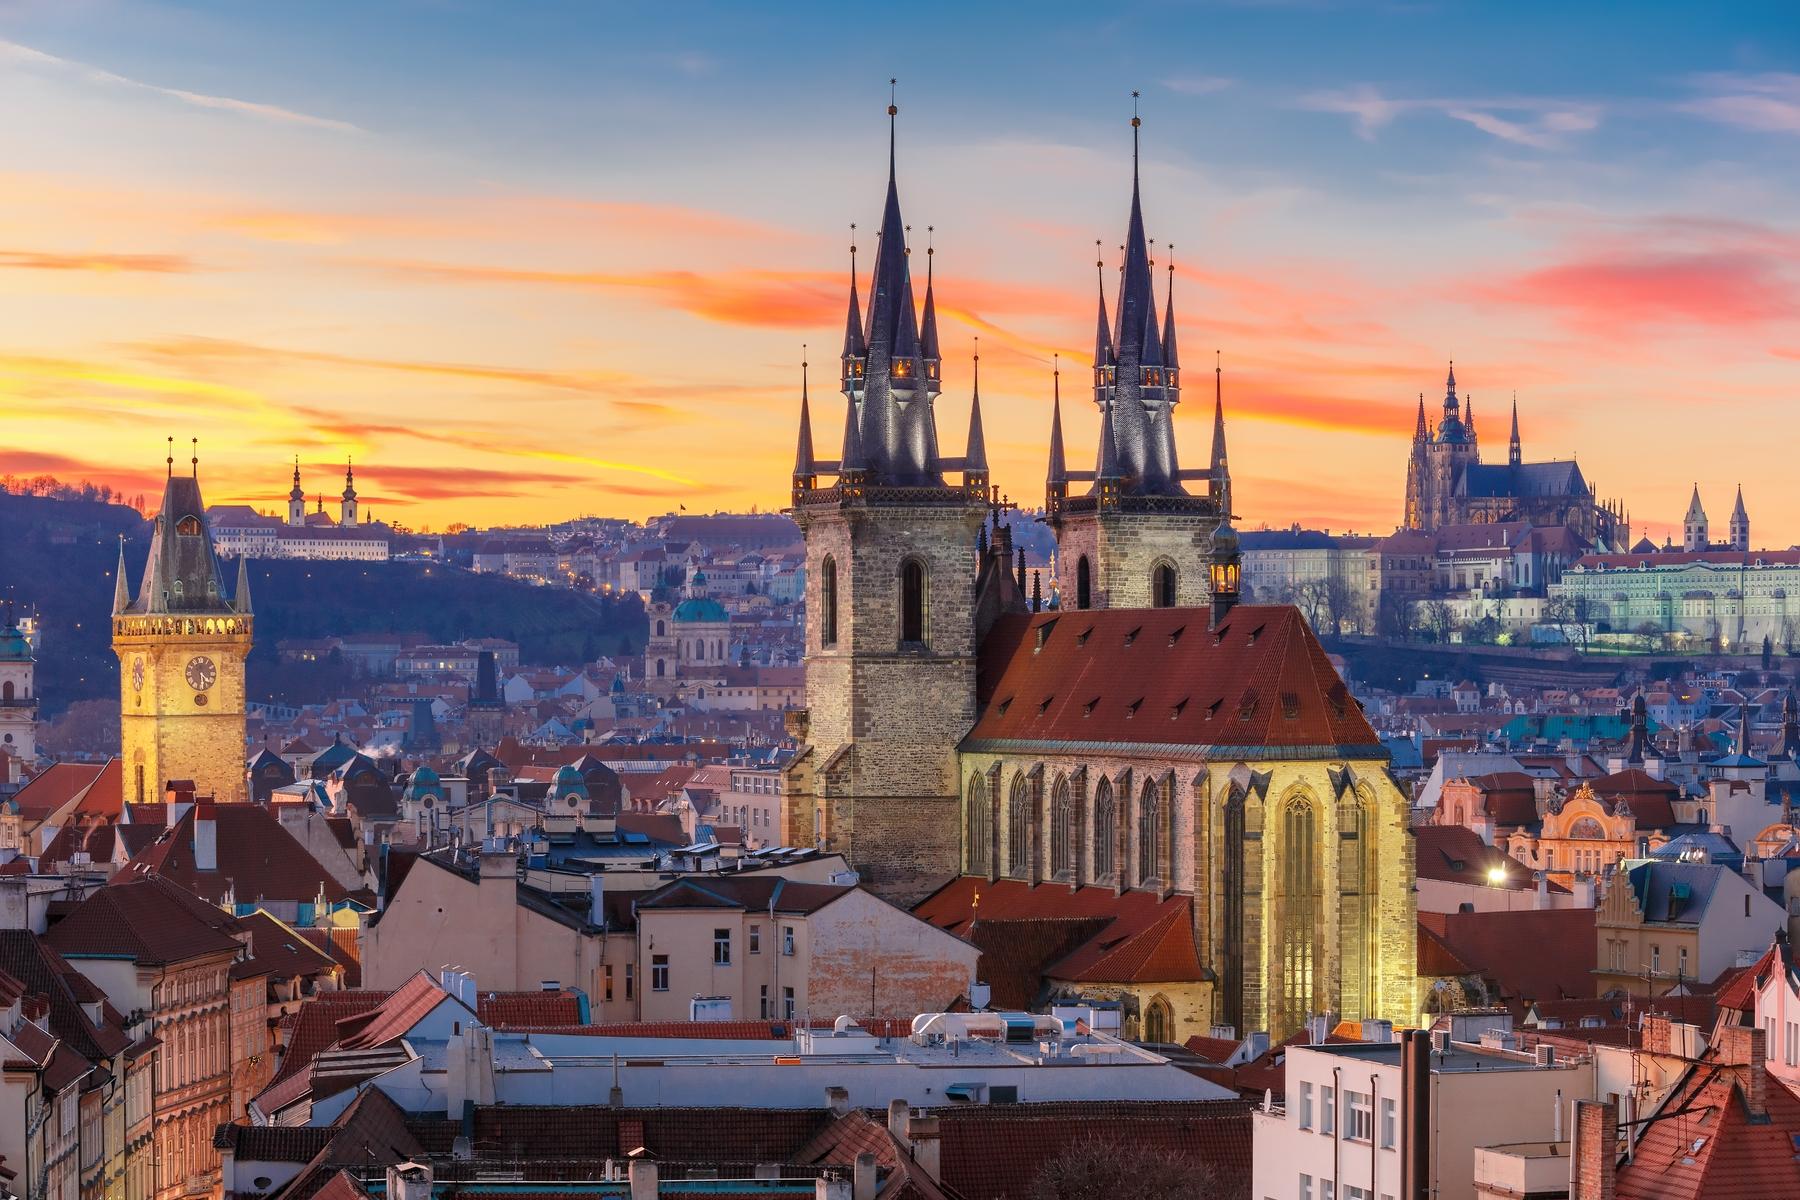 Исторический центр Праги — настоящая машина времени. Чехия — одно из лучших направлений для первой поездки за границу